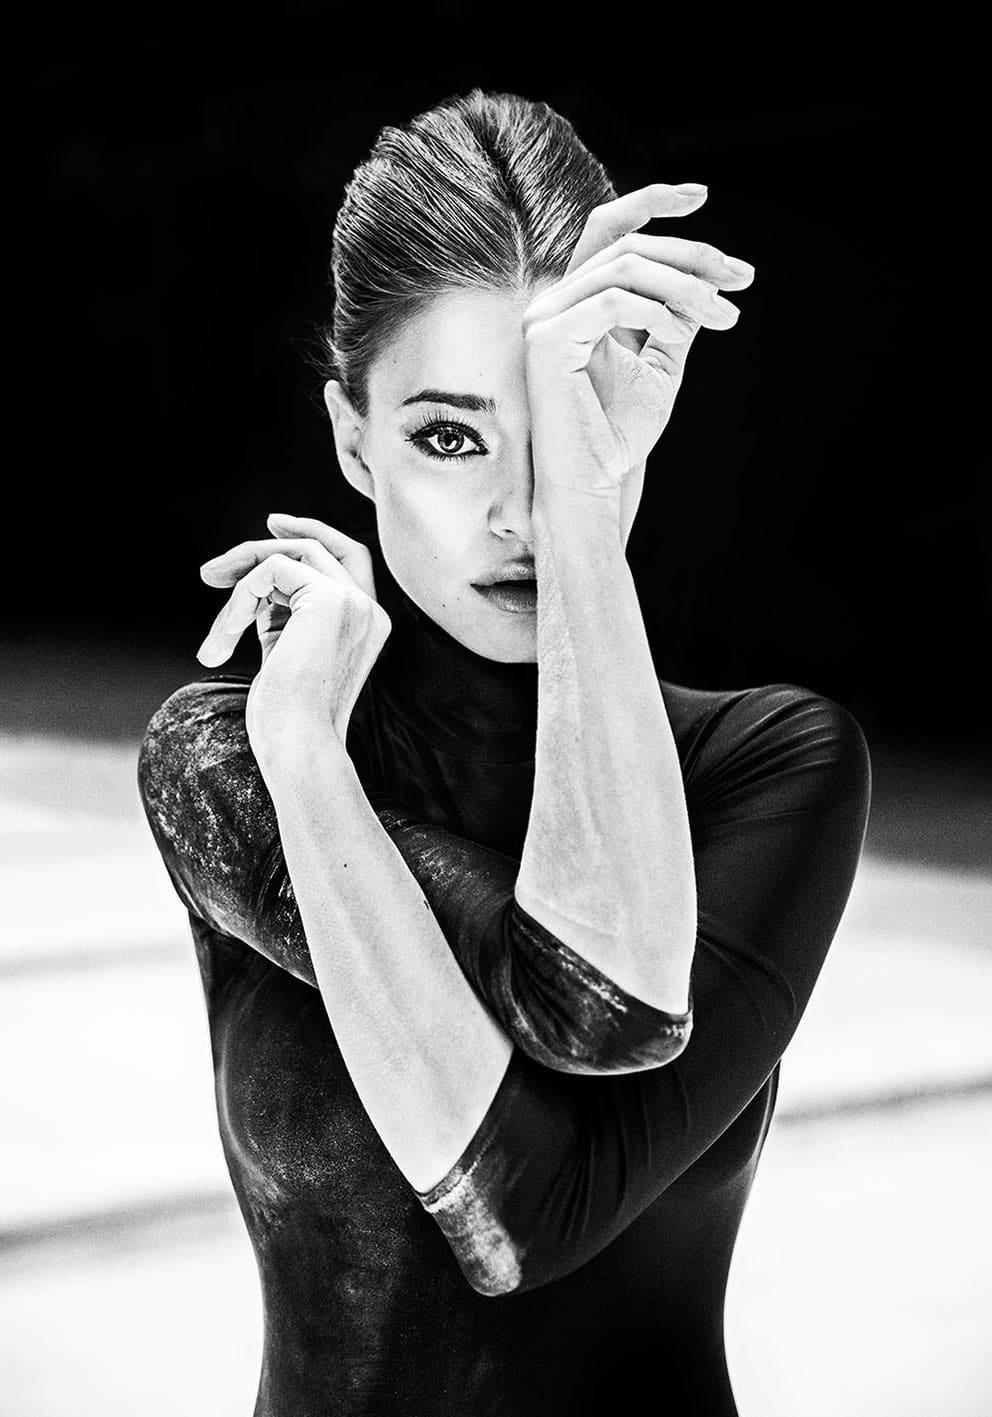 Ballerina #05 fot. Szymon Brodziak